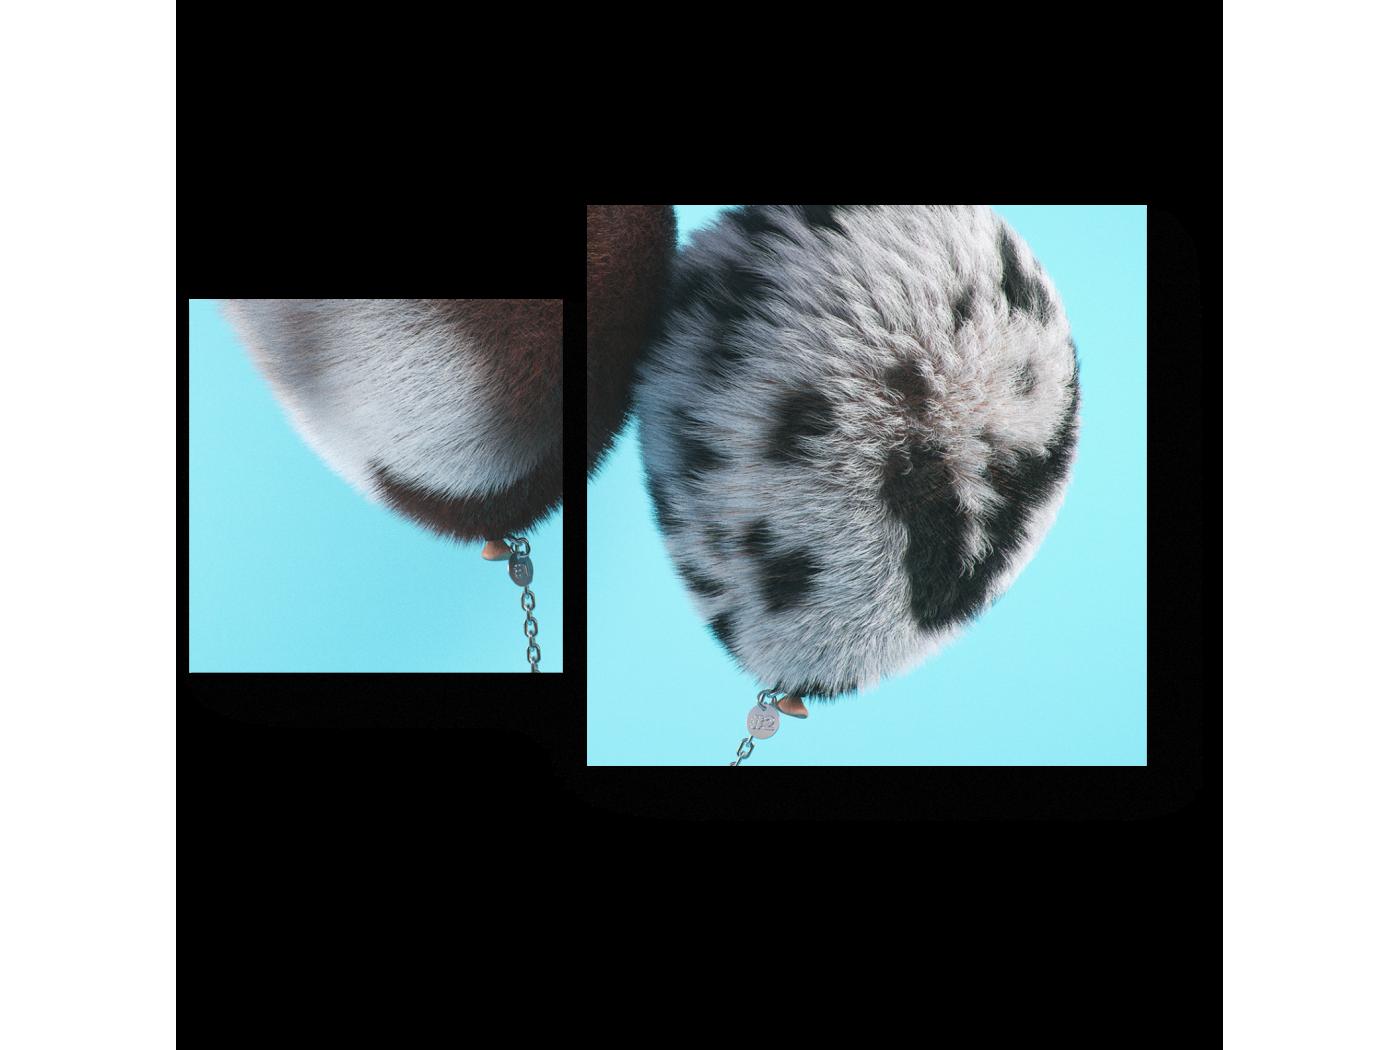 Модульная картина Меховые надувные шарики (50x30) фото